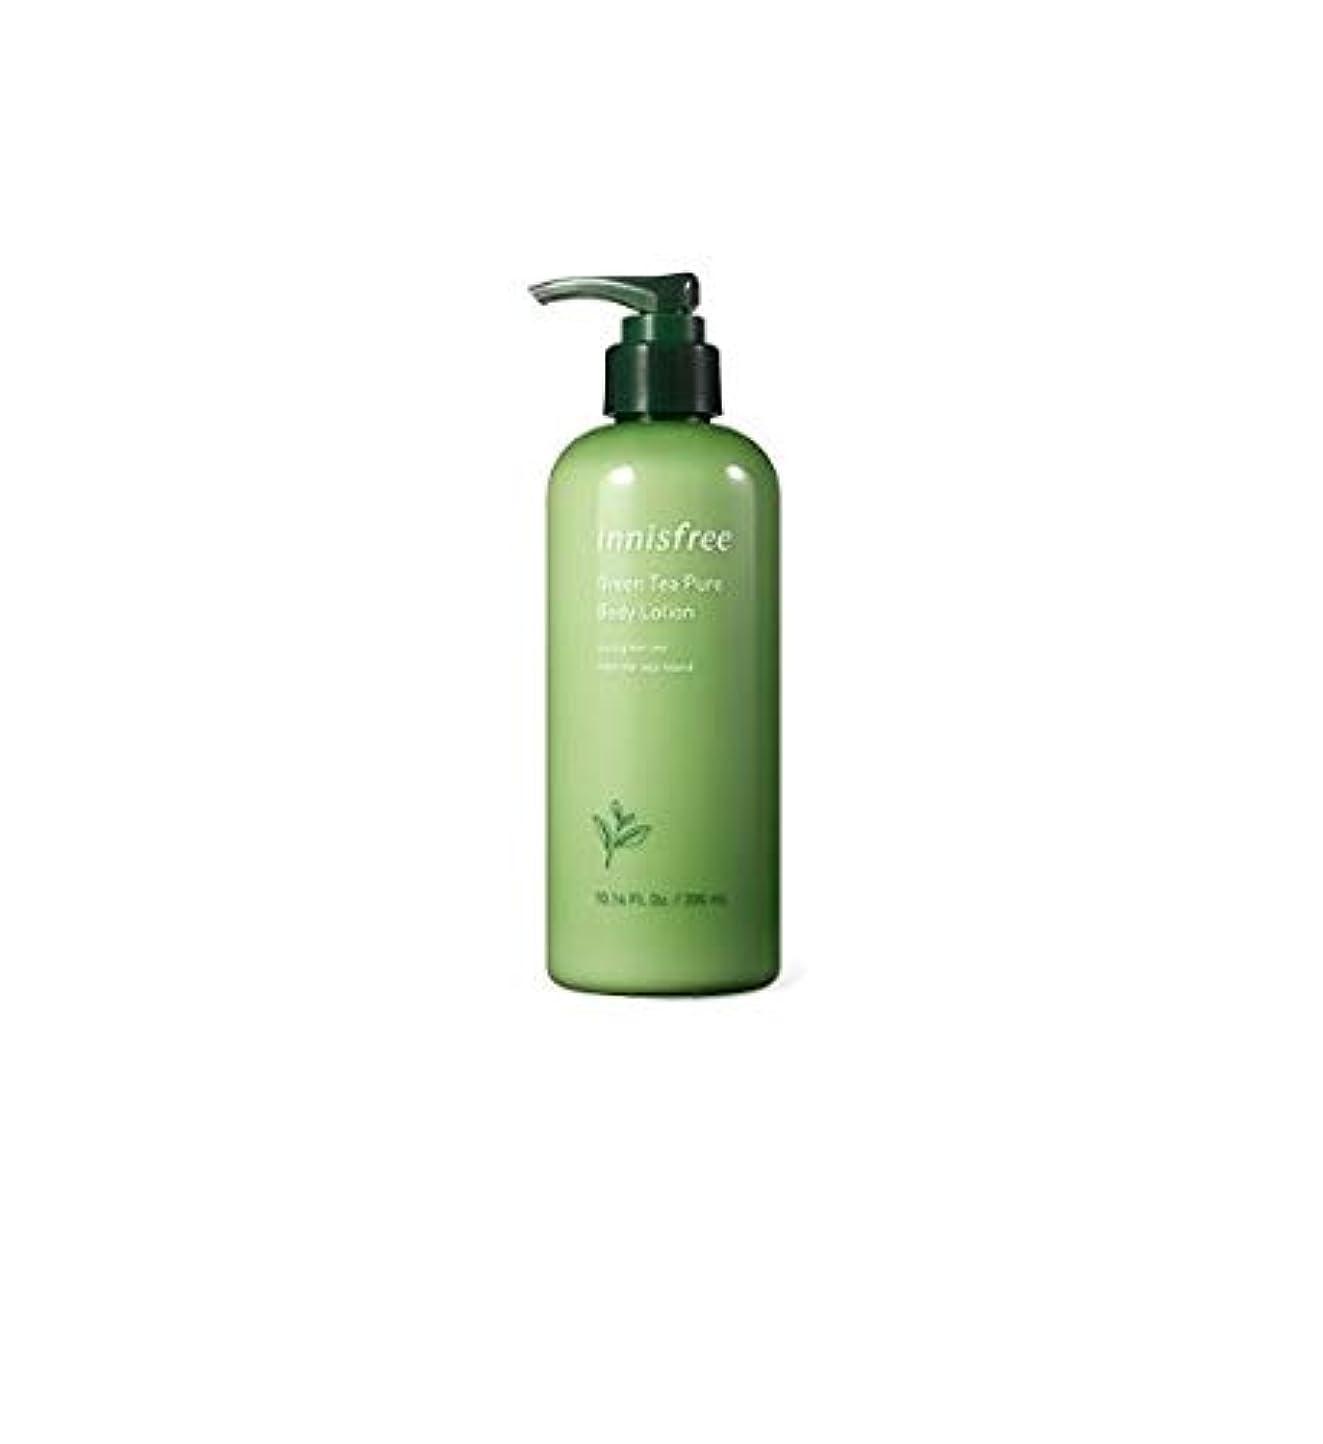 クレタ合体innisfree 緑茶ピュアボディローション/Green Tea Pure Body Lotion 300ml [並行輸入品]